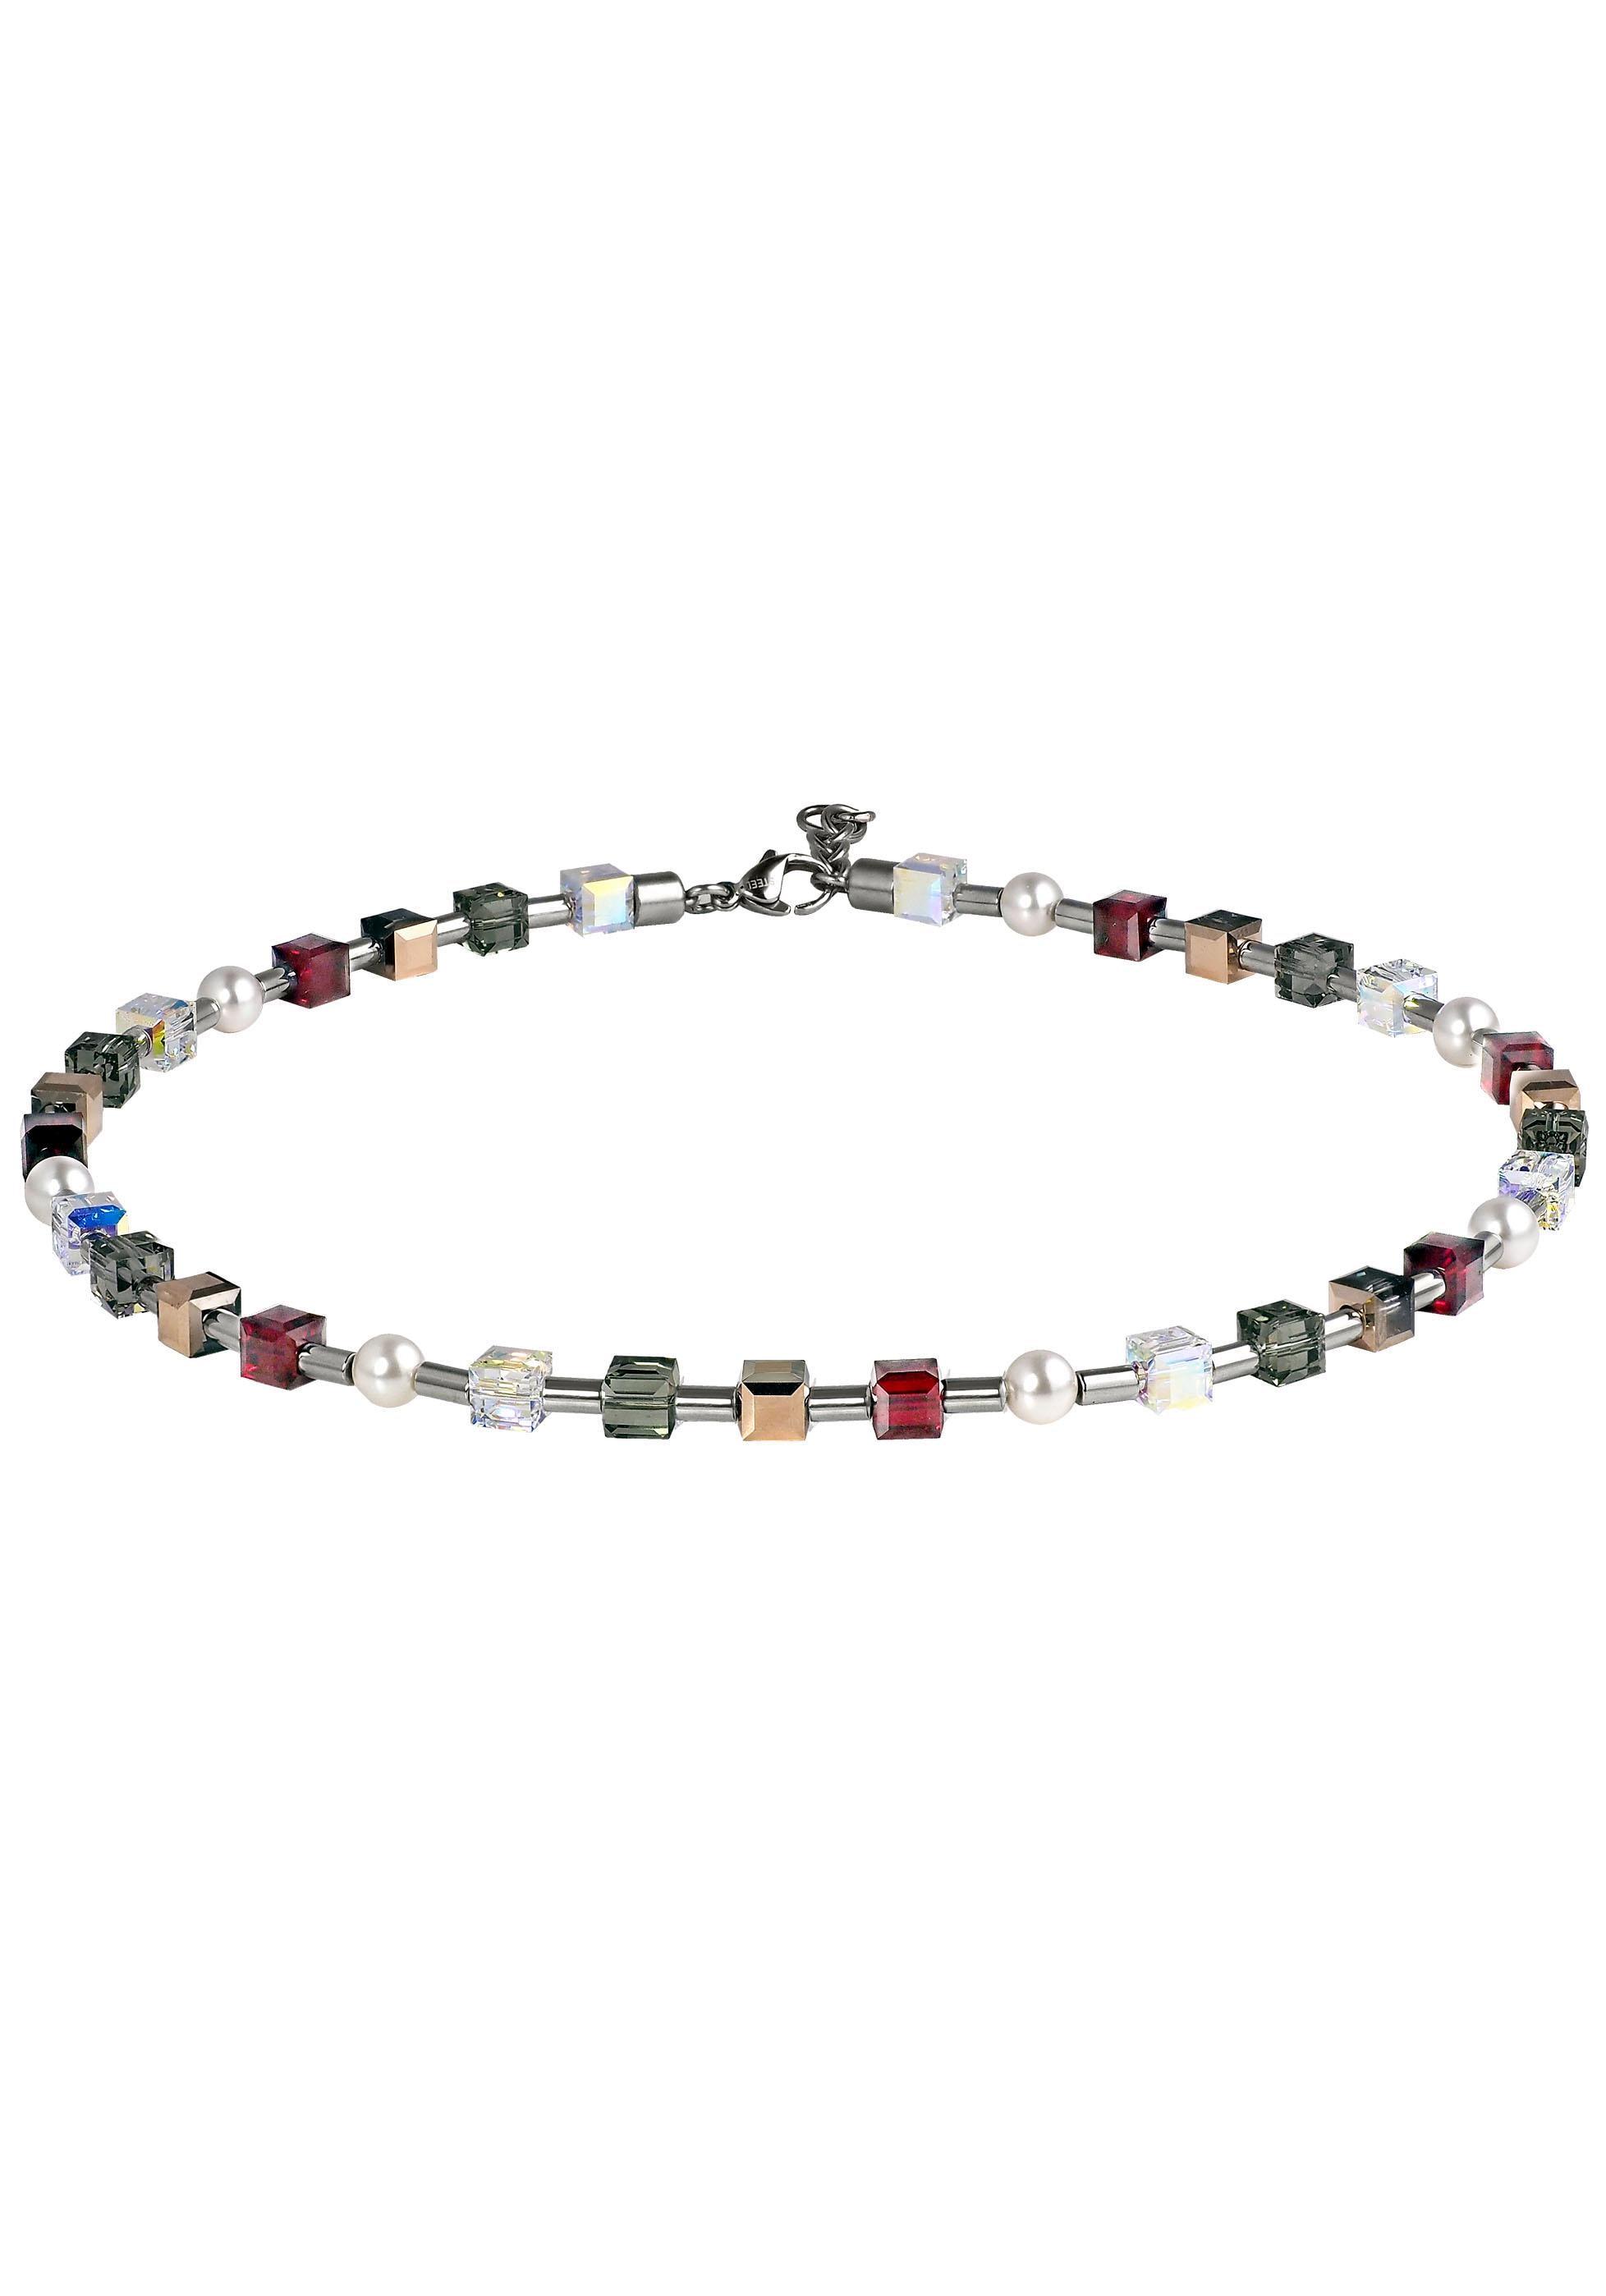 Firetti Kette ohne Anhänger Edelstahl Draht bunt glänzend | Schmuck > Halsketten > Ketten mit Anhänger | Bunt | Firetti